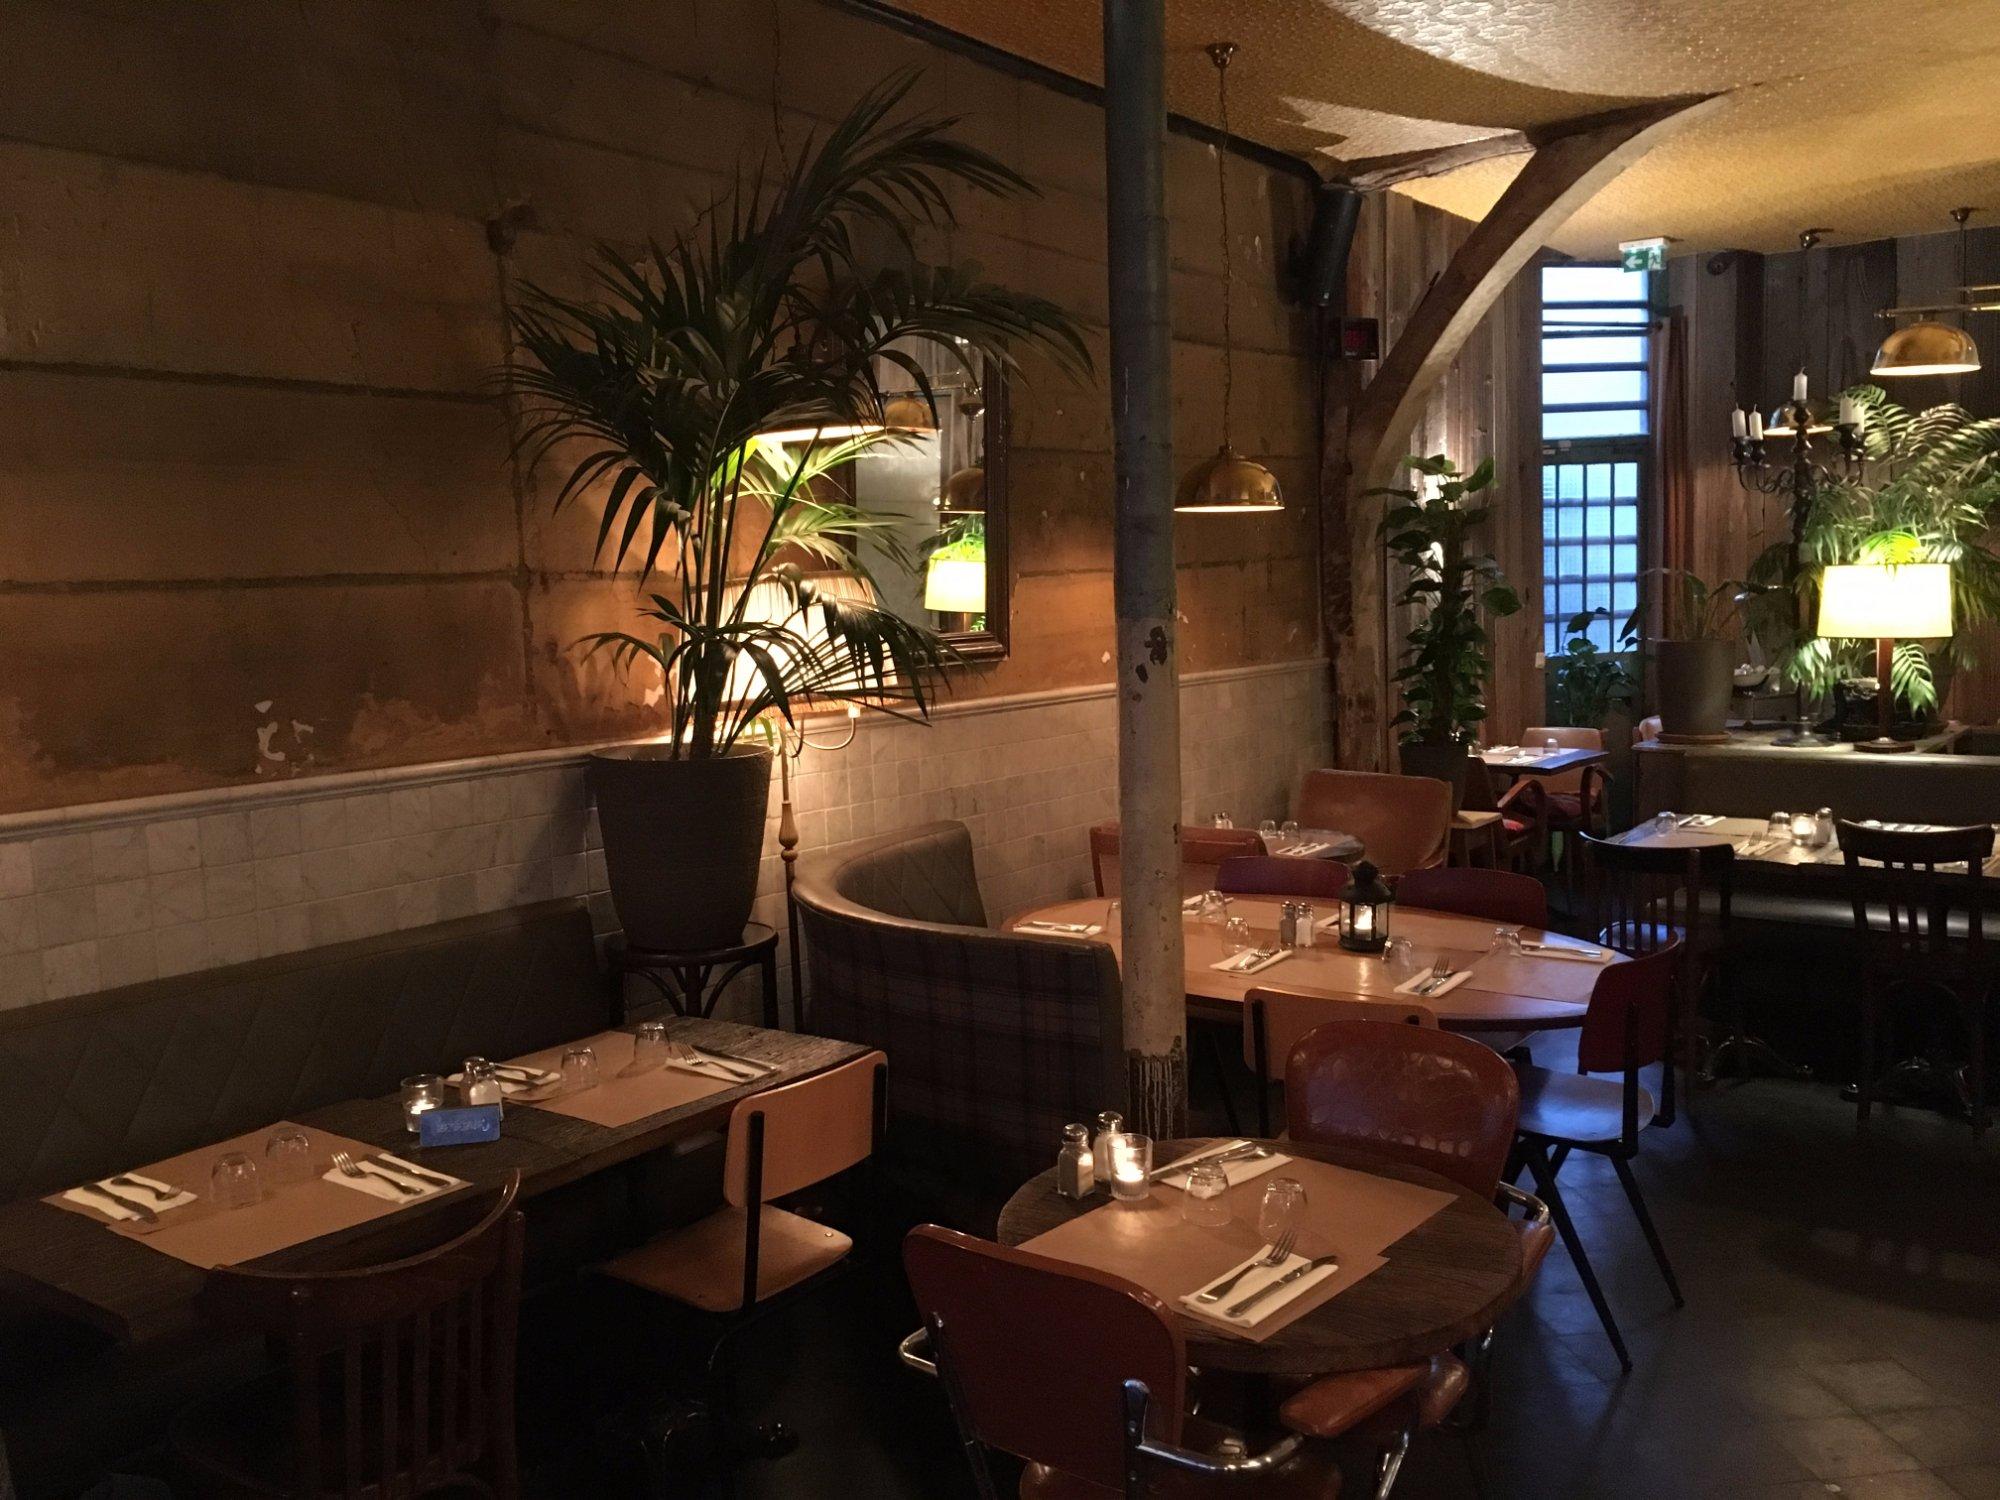 La quincaillerie paris chateau d 39 eau gare du nord restaurant revie - La quincaillerie paris ...